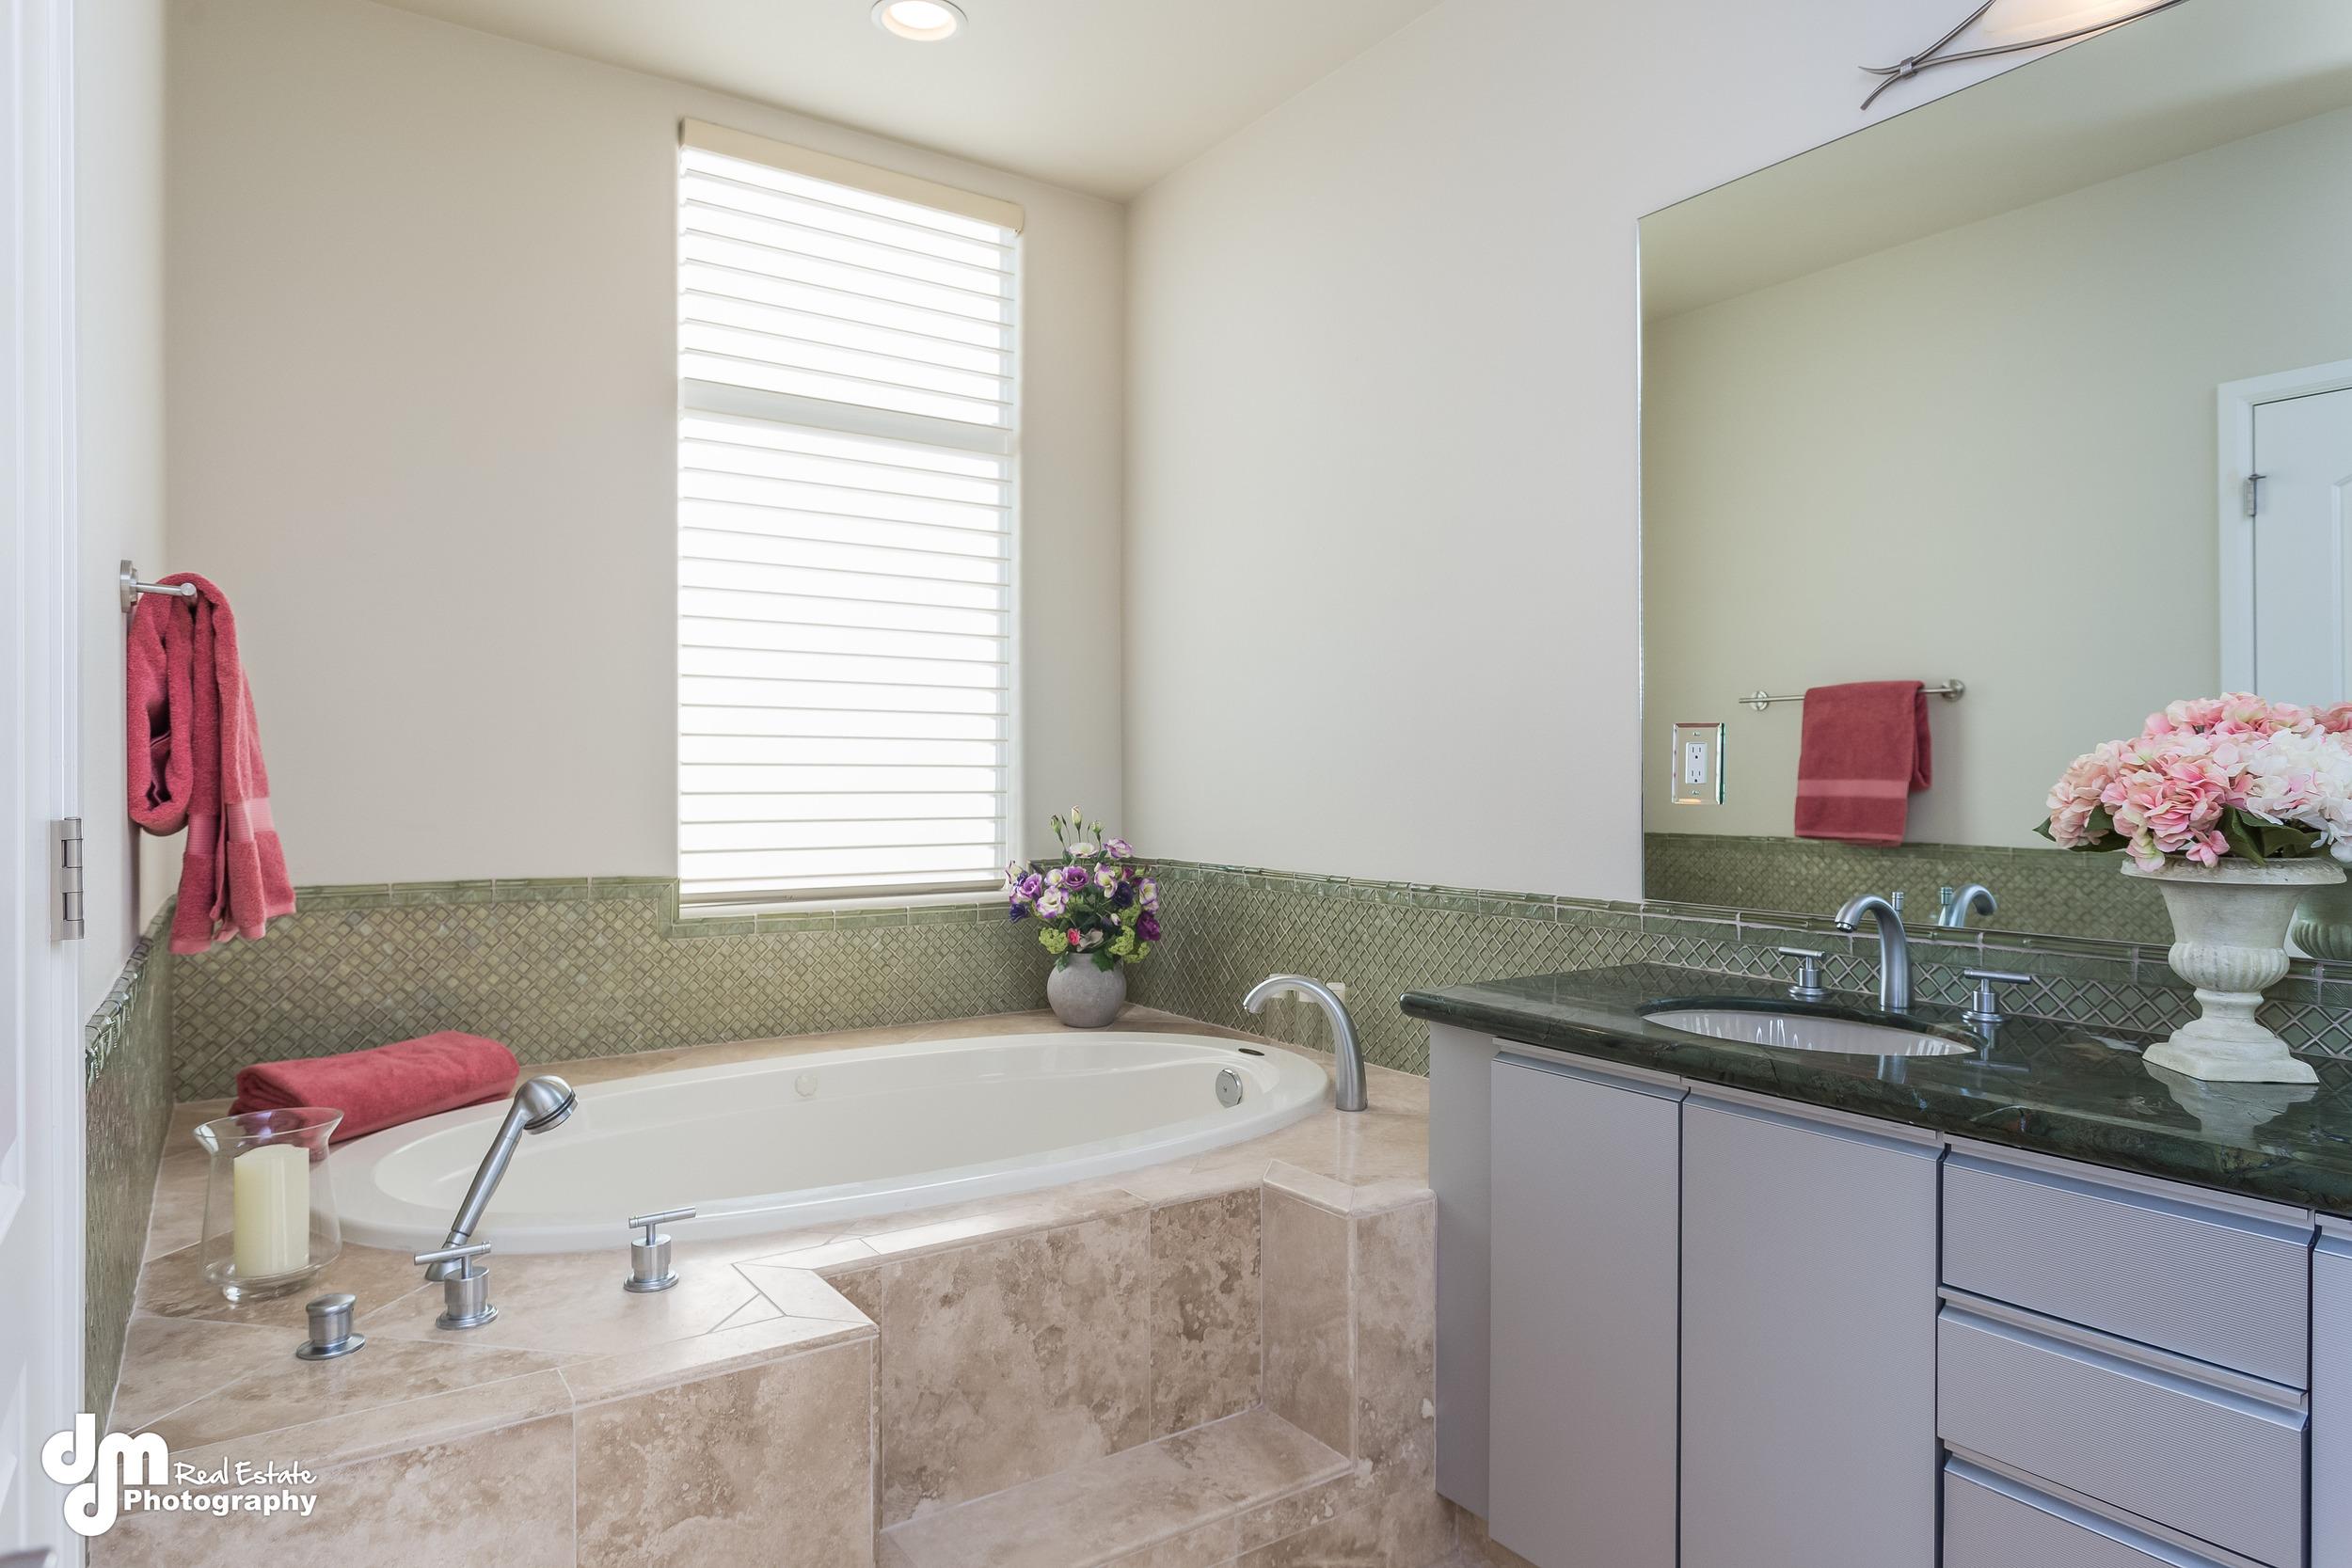 anchorage_condo_master_Bathroom2